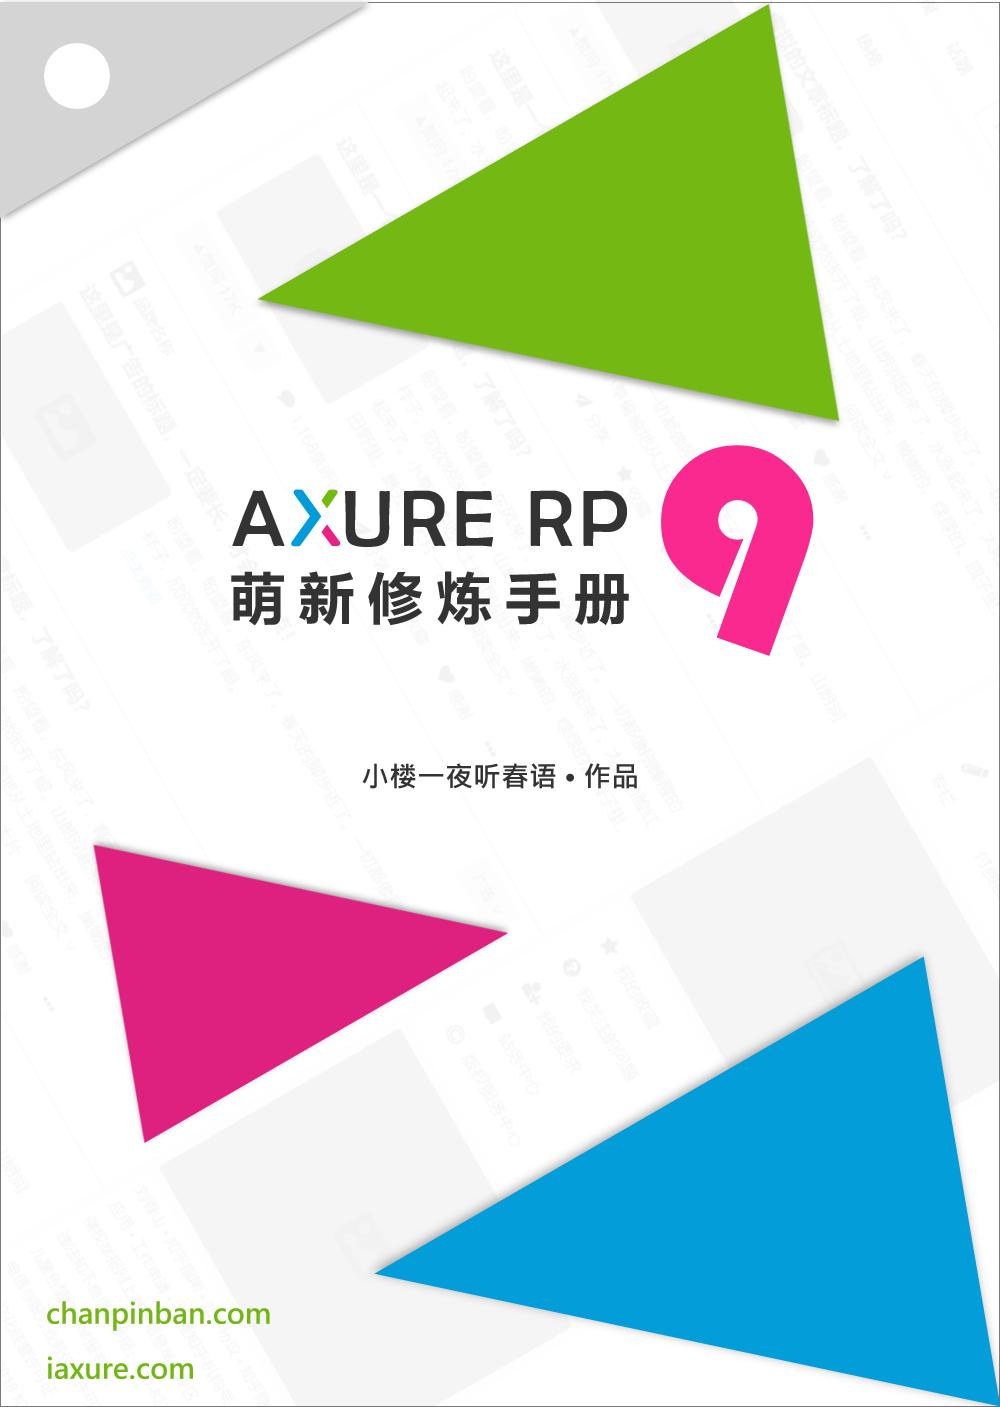 Axure RP 9 萌新修炼手册电子书+随书资源-要福利,就在第一福利!